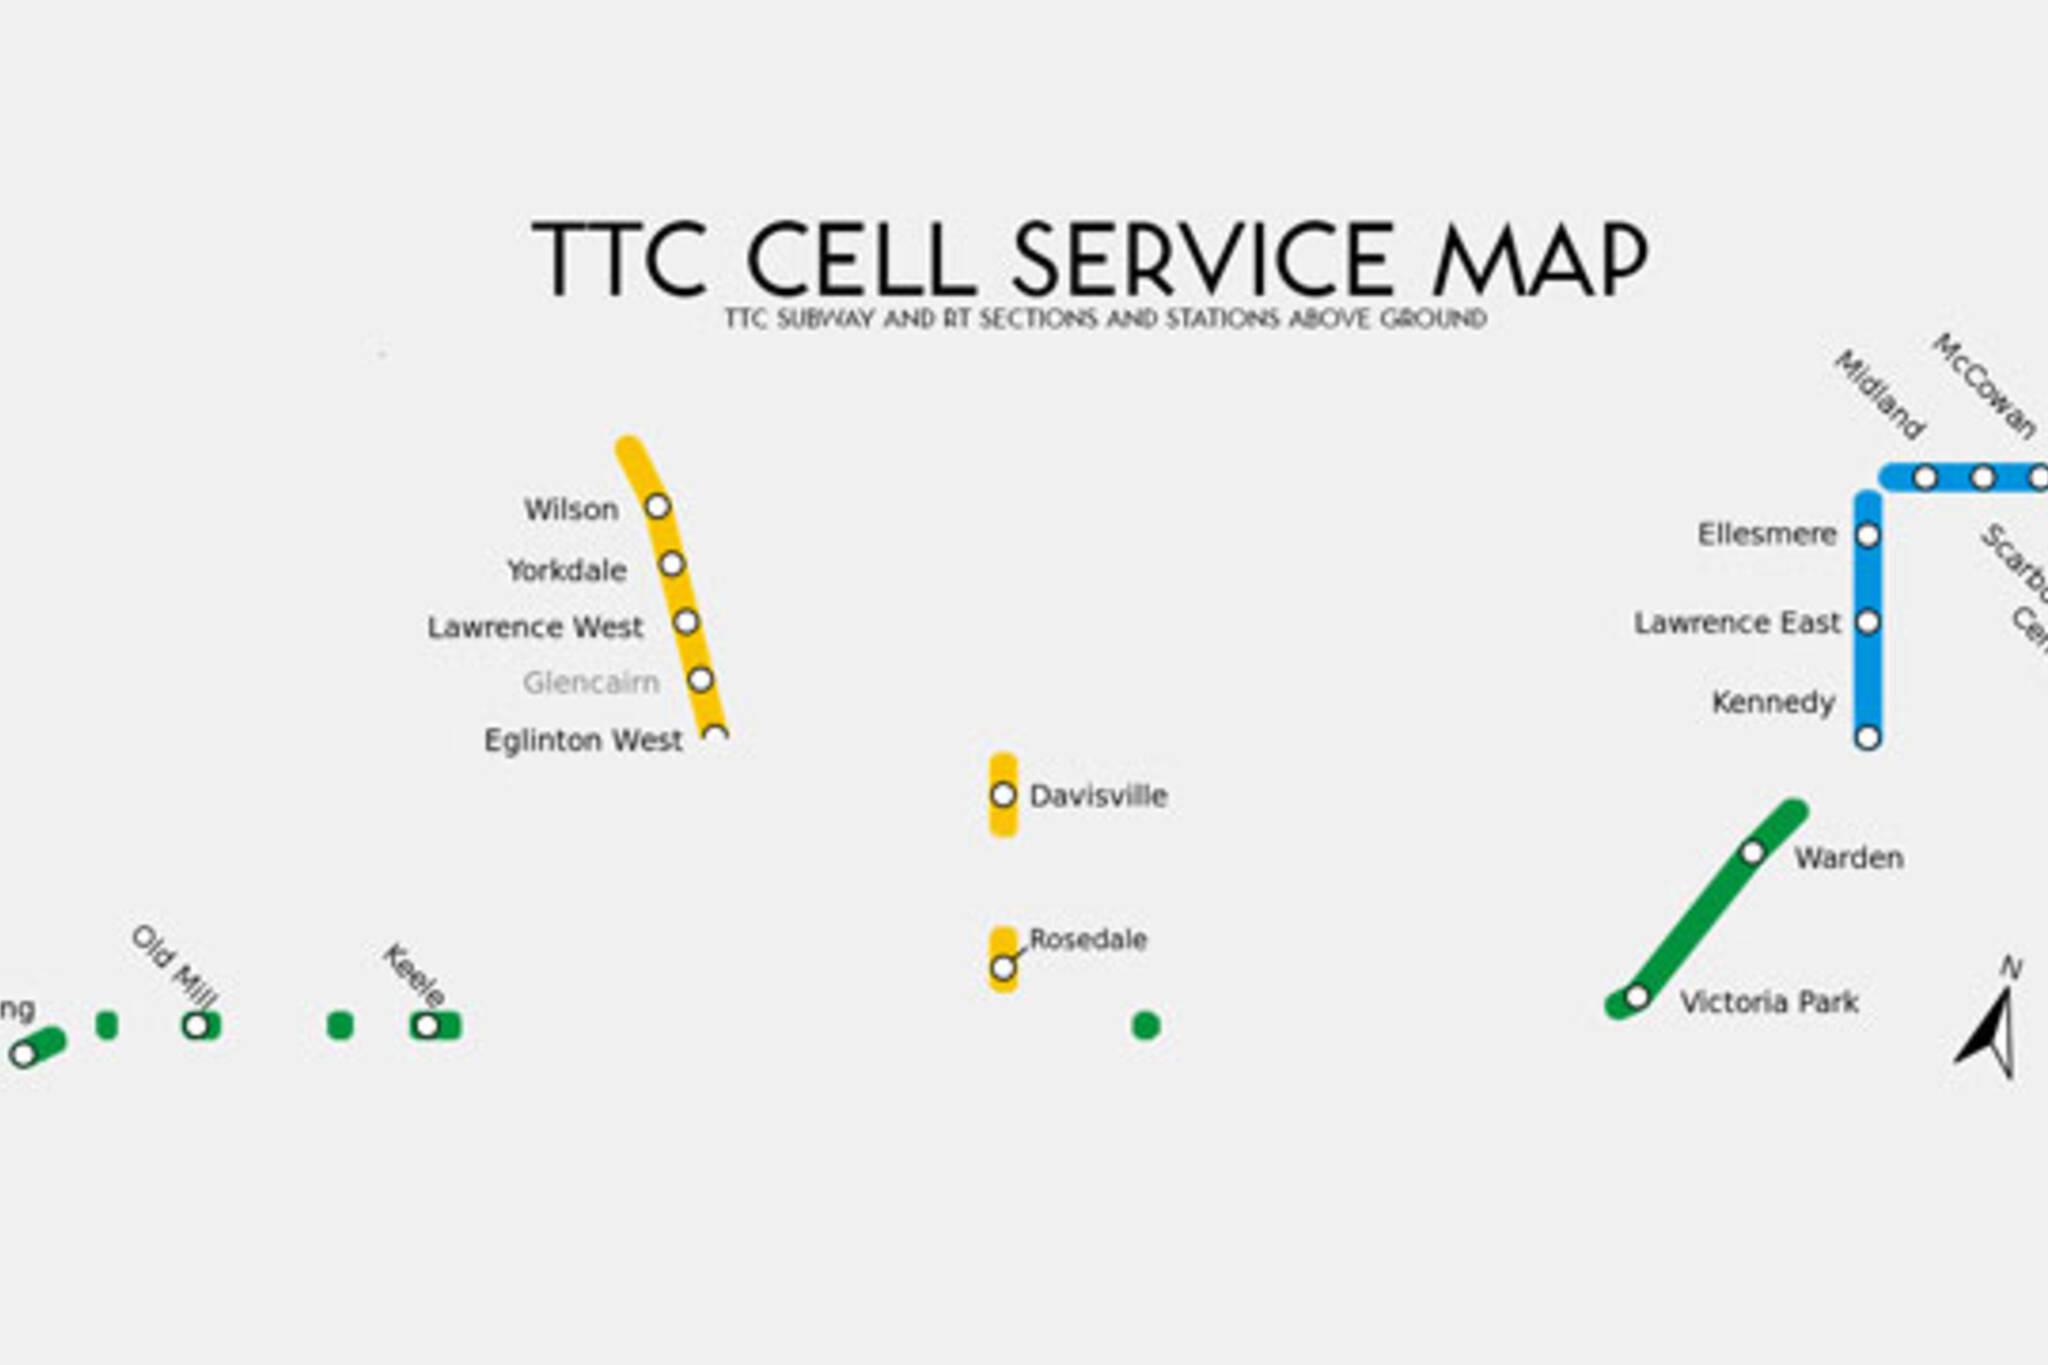 TTC Cellular Service Map